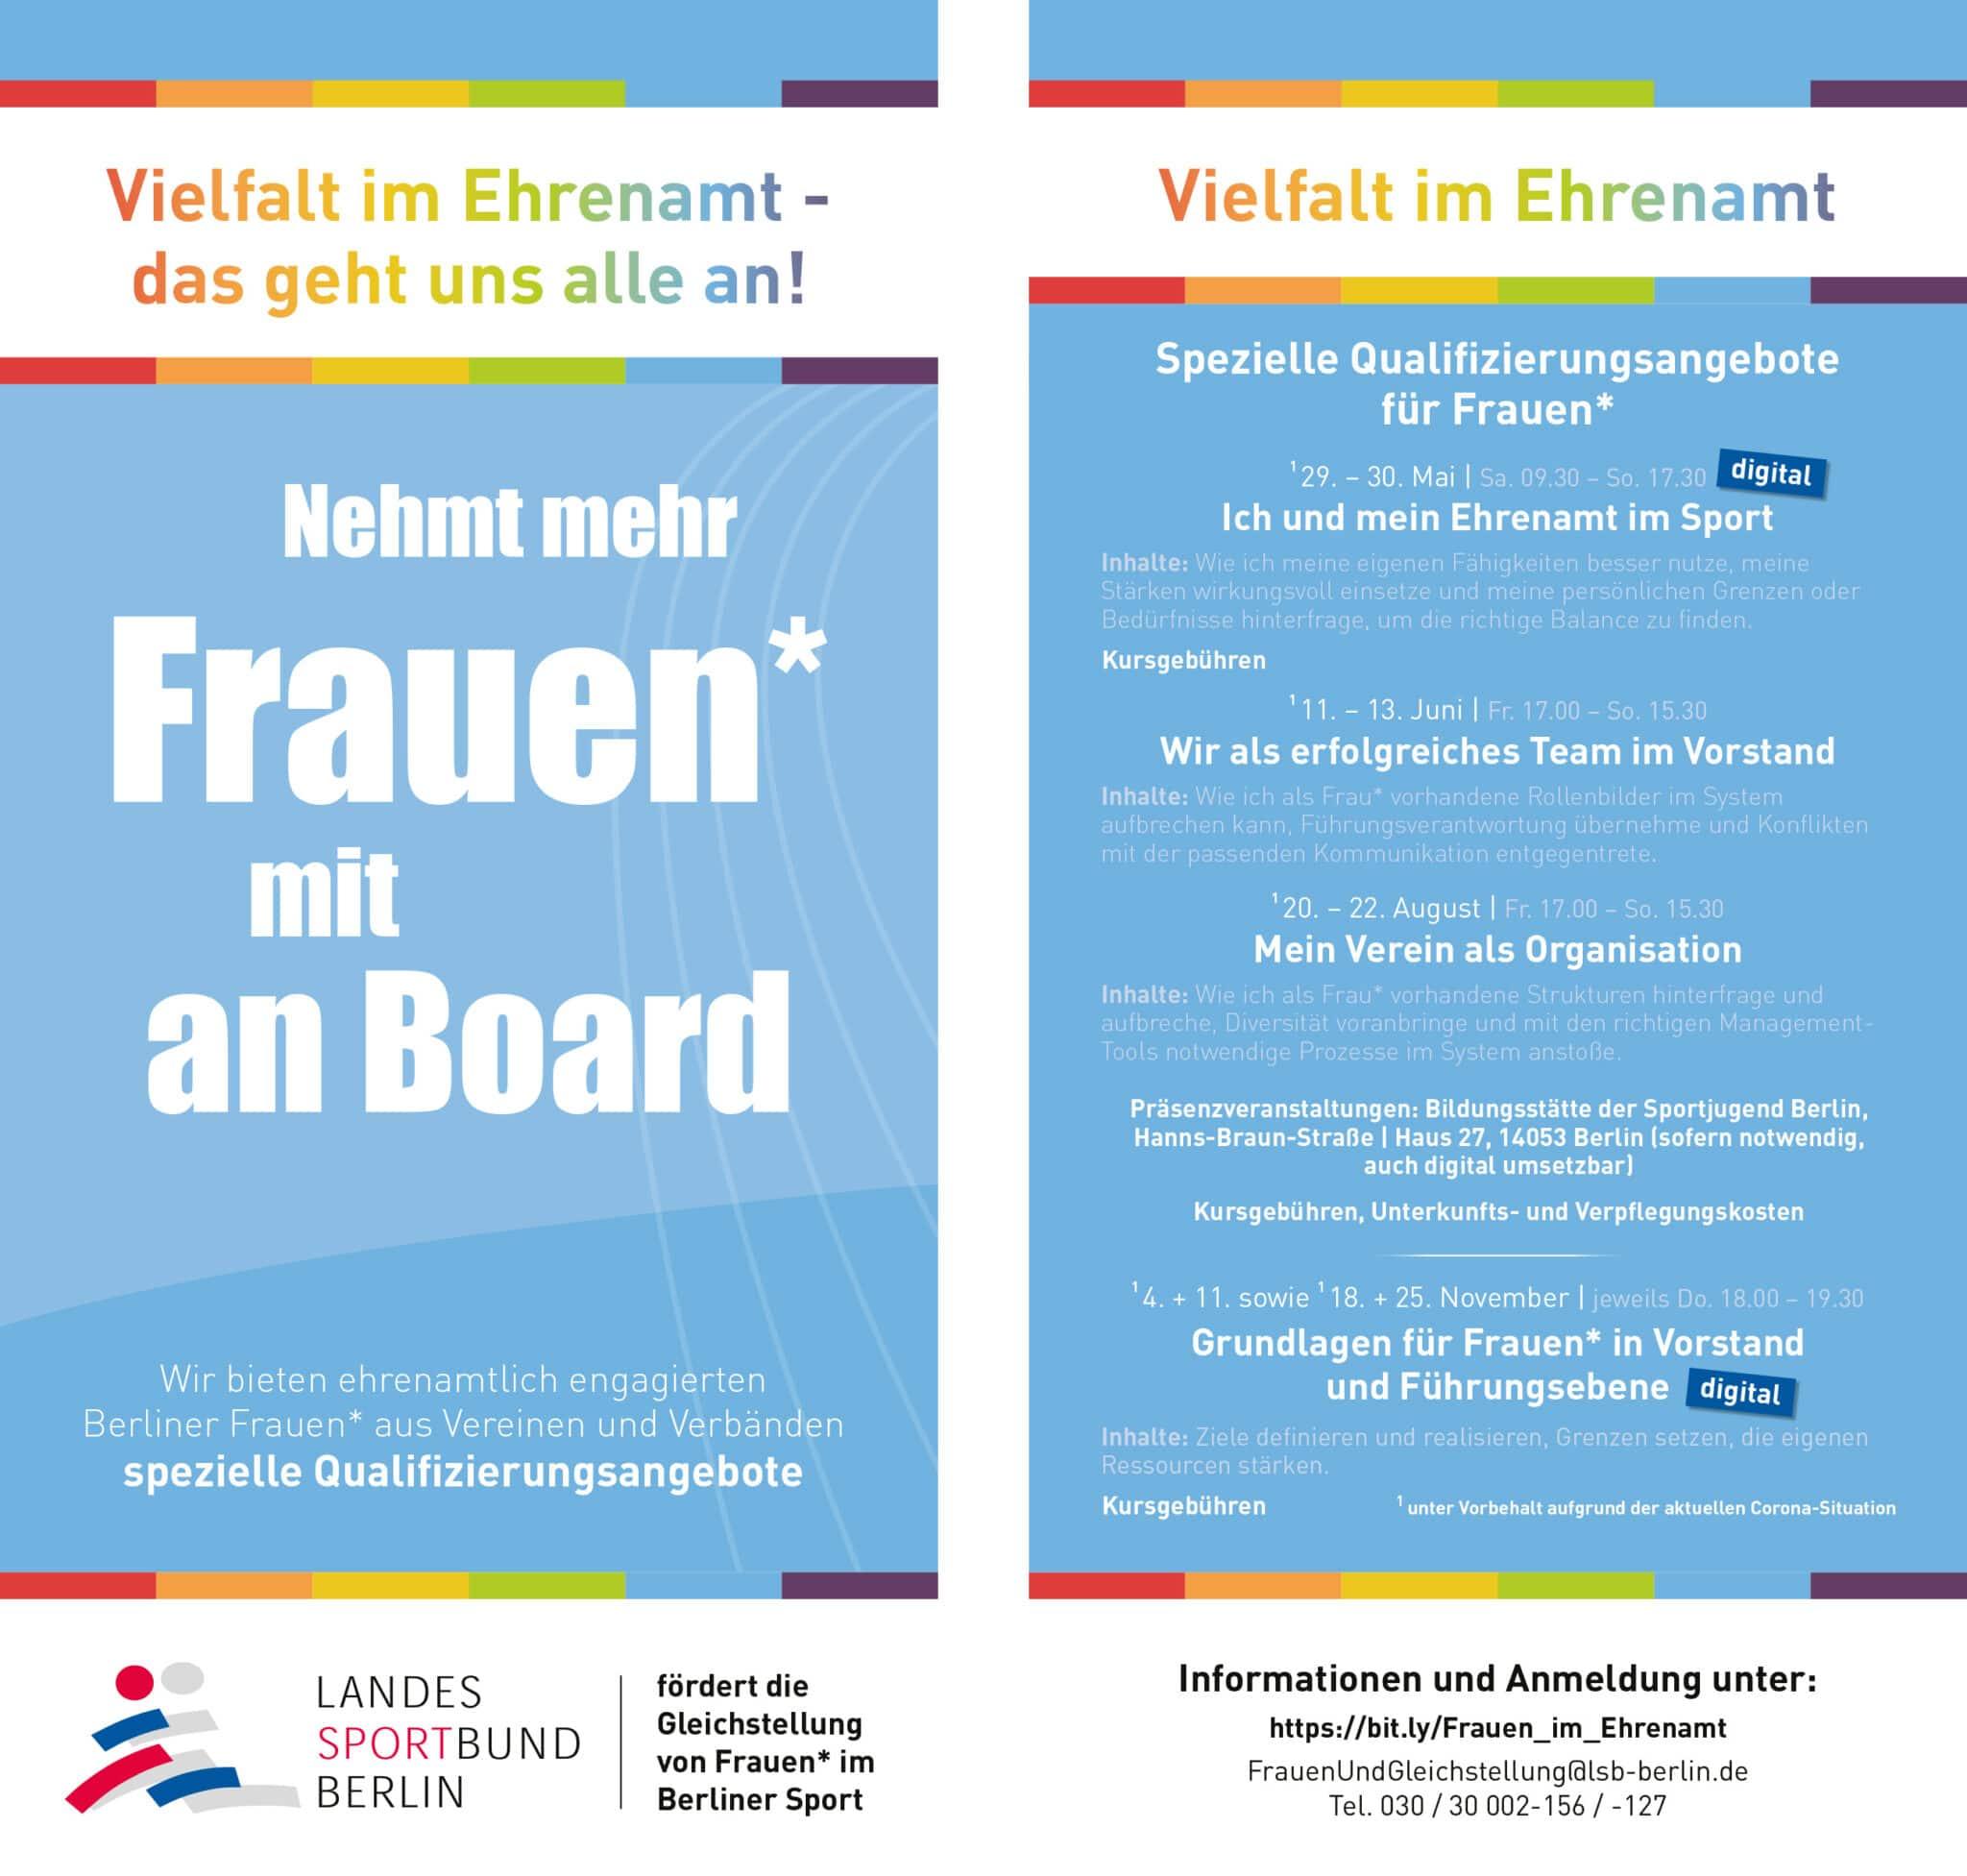 Informieren Sie Frauen* aus Ihrem Verein/Verband - LSB-Qualifizierungsmaßnahmen/Austauschformate